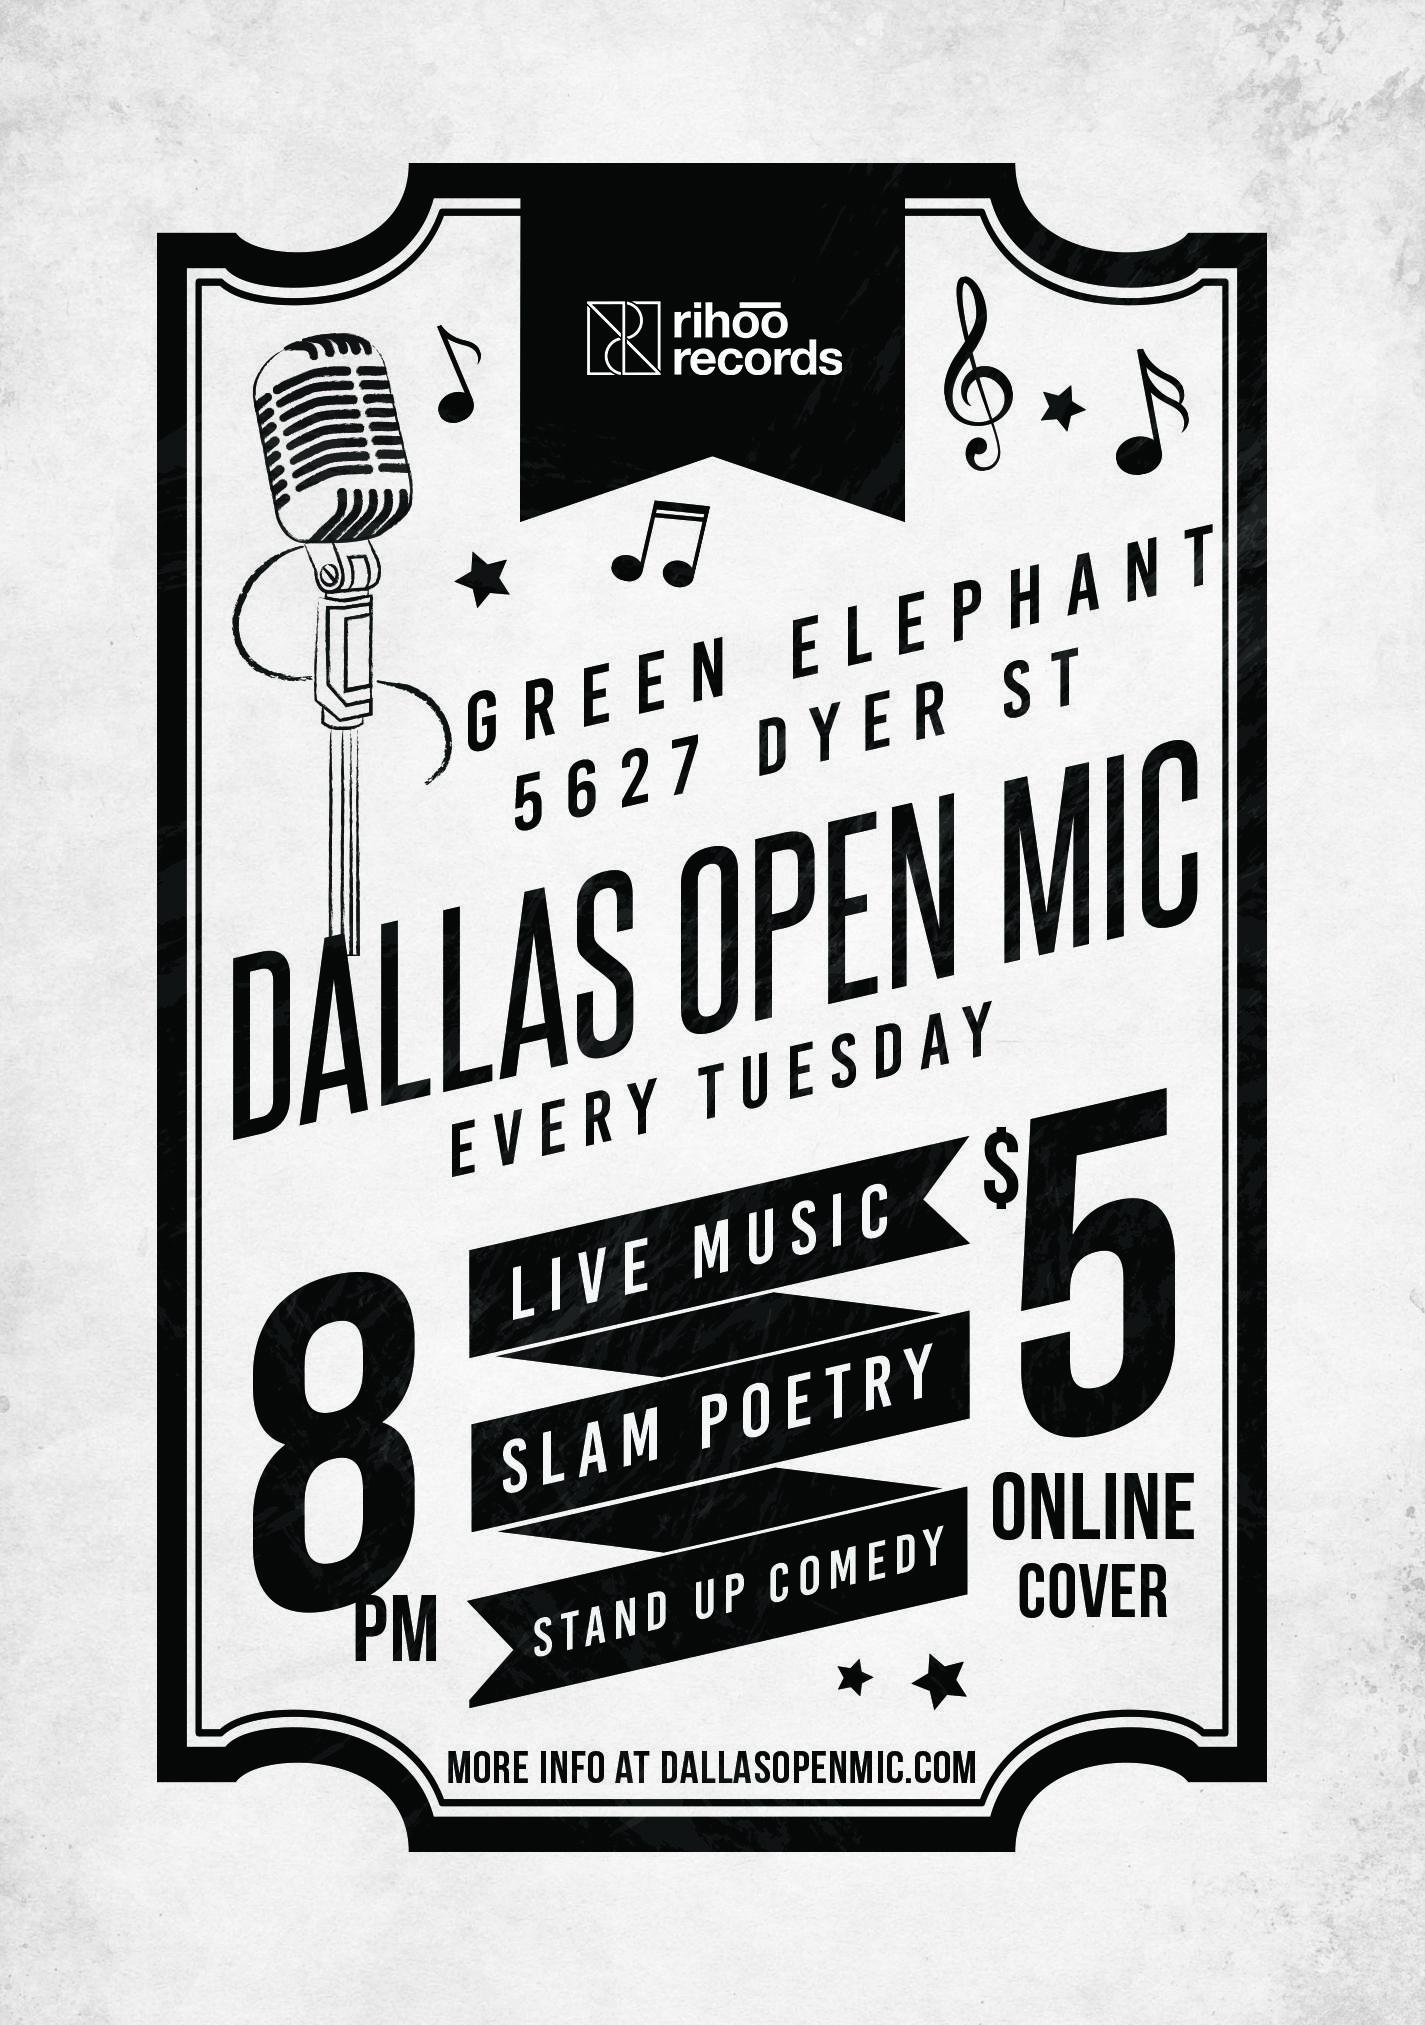 Dallas Open Mic